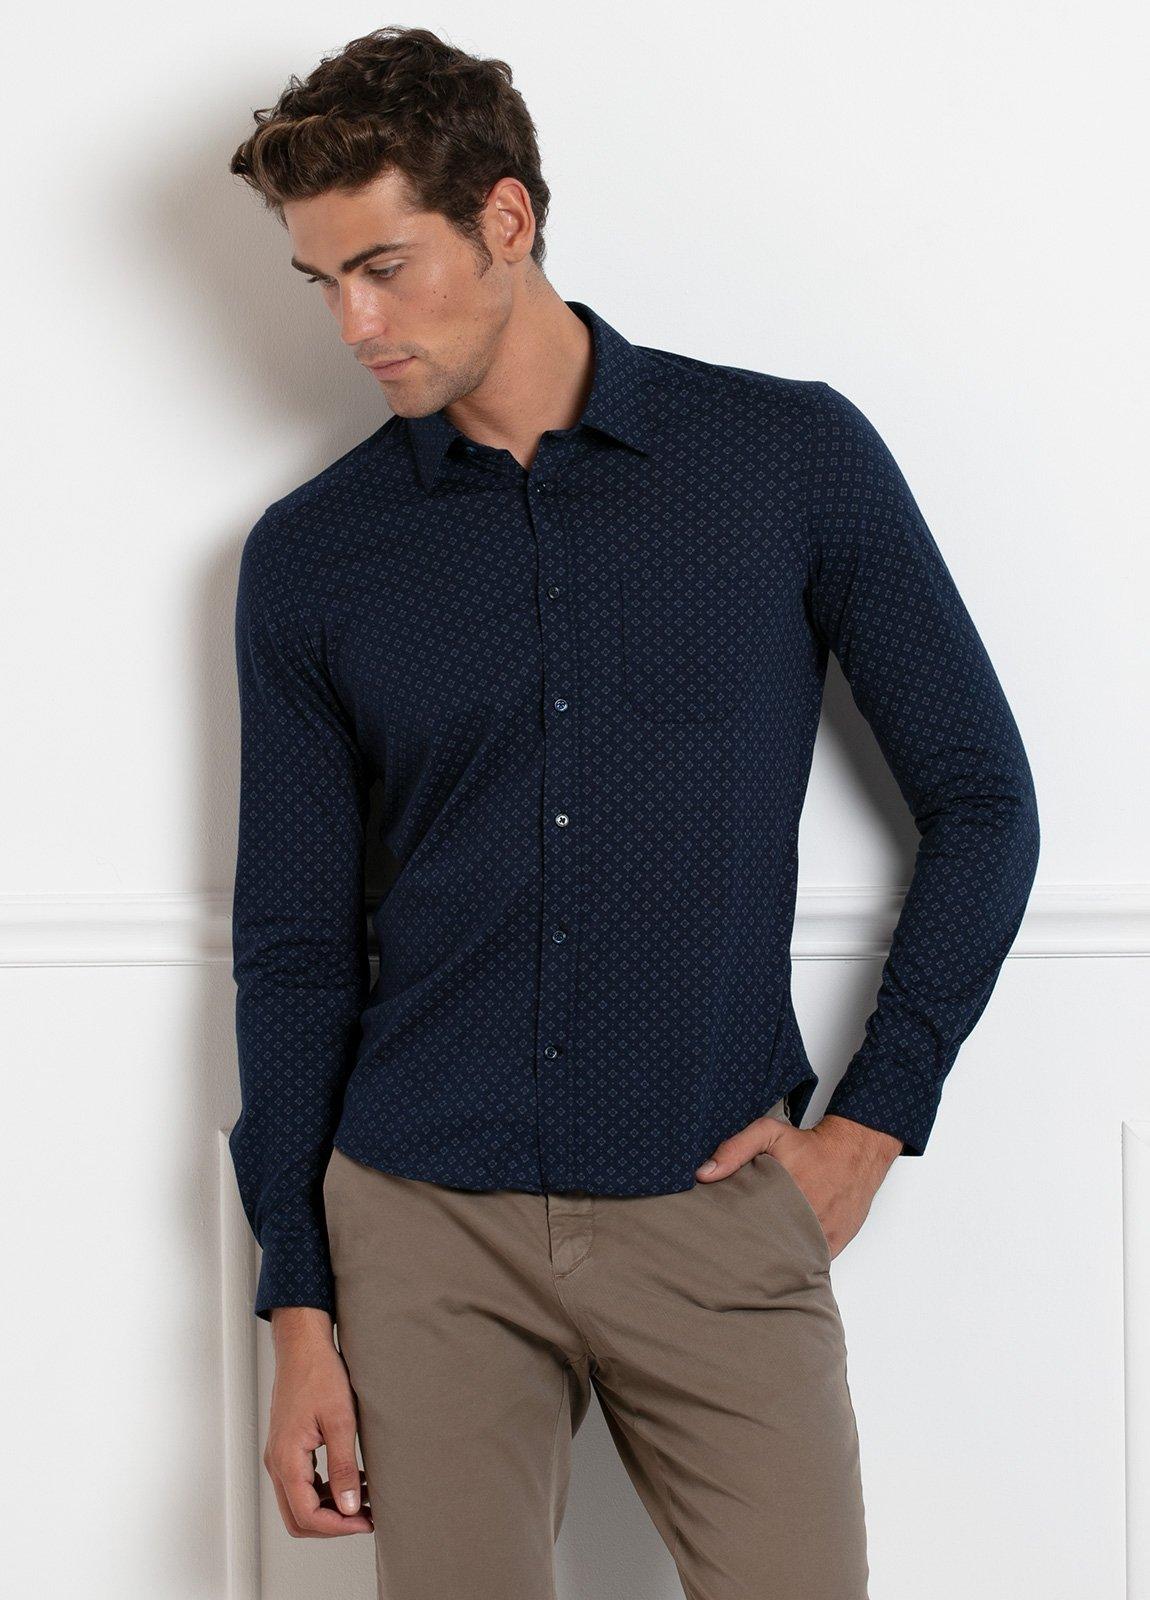 Camisa sport SLIM FIT modelo BLAKE estampado geométrico fondo azul marino, 100% Algodón. - Ítem1